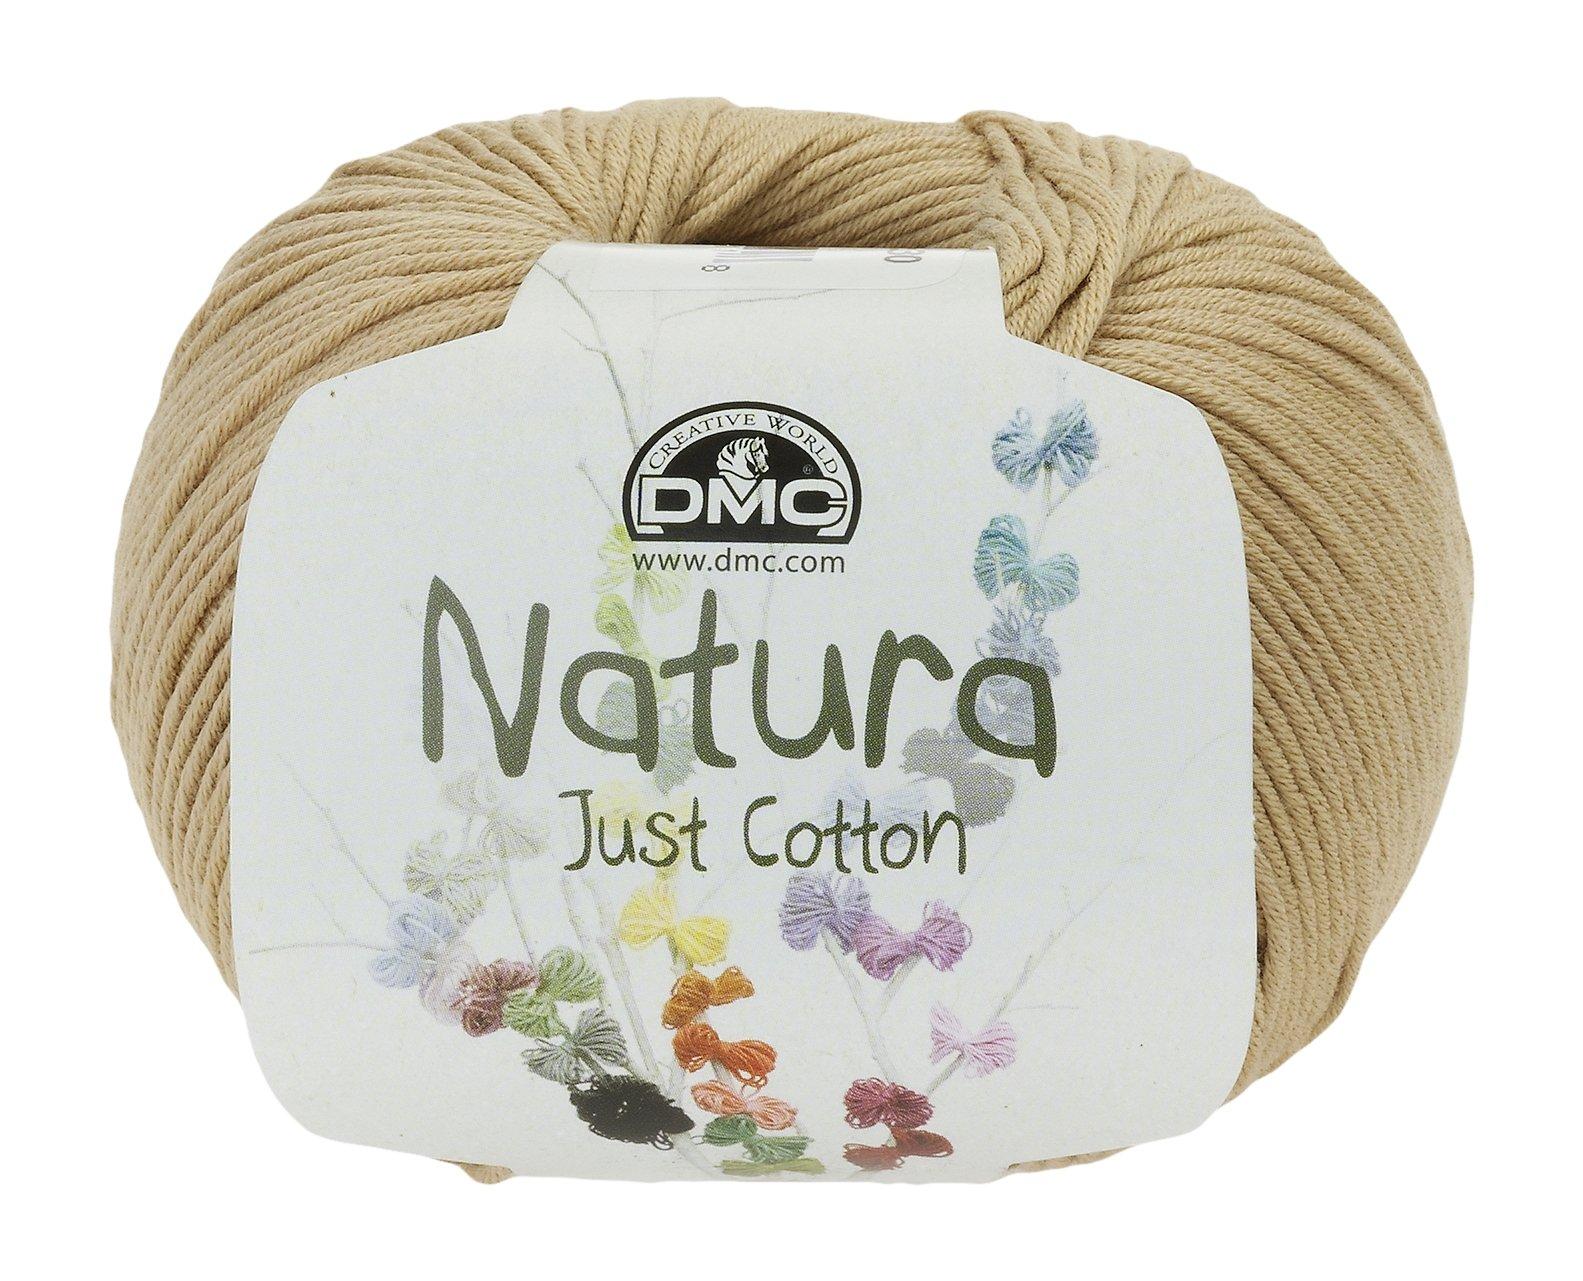 DMC Ovillo de Lana Natura, 100% algodón, Canelle N37: Amazon.es: Hogar